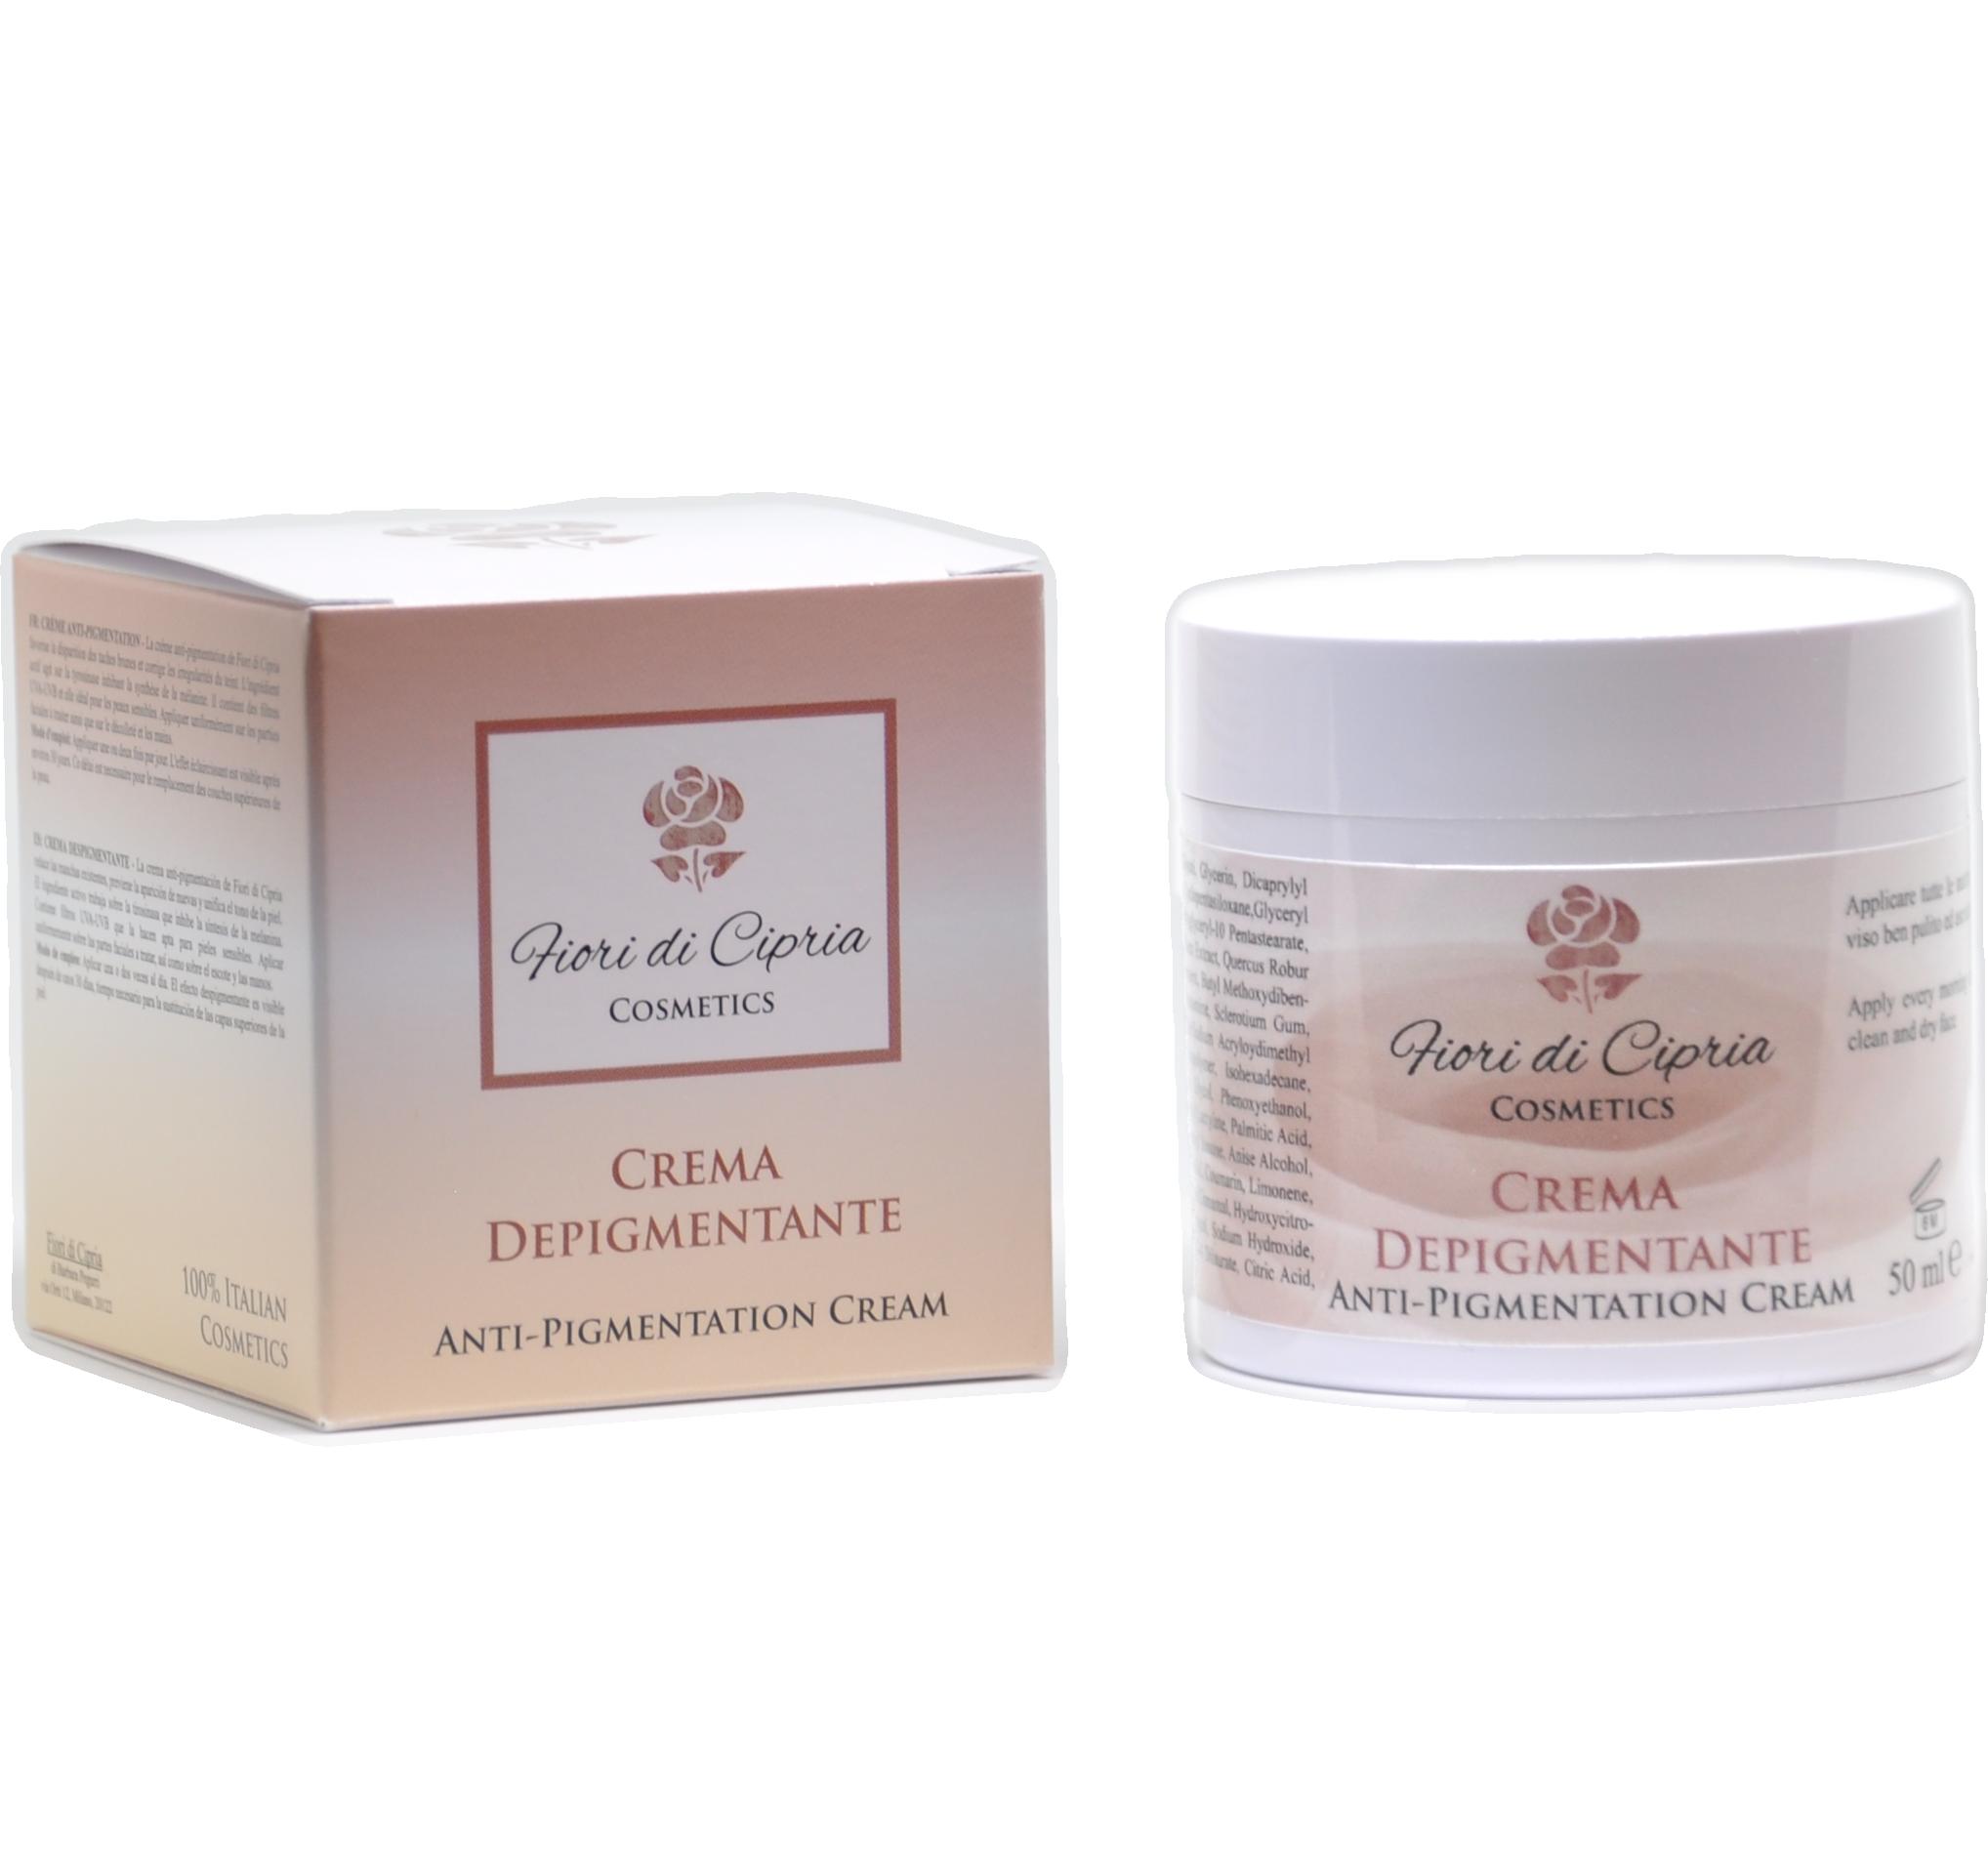 Anti-Pigmentation Cream